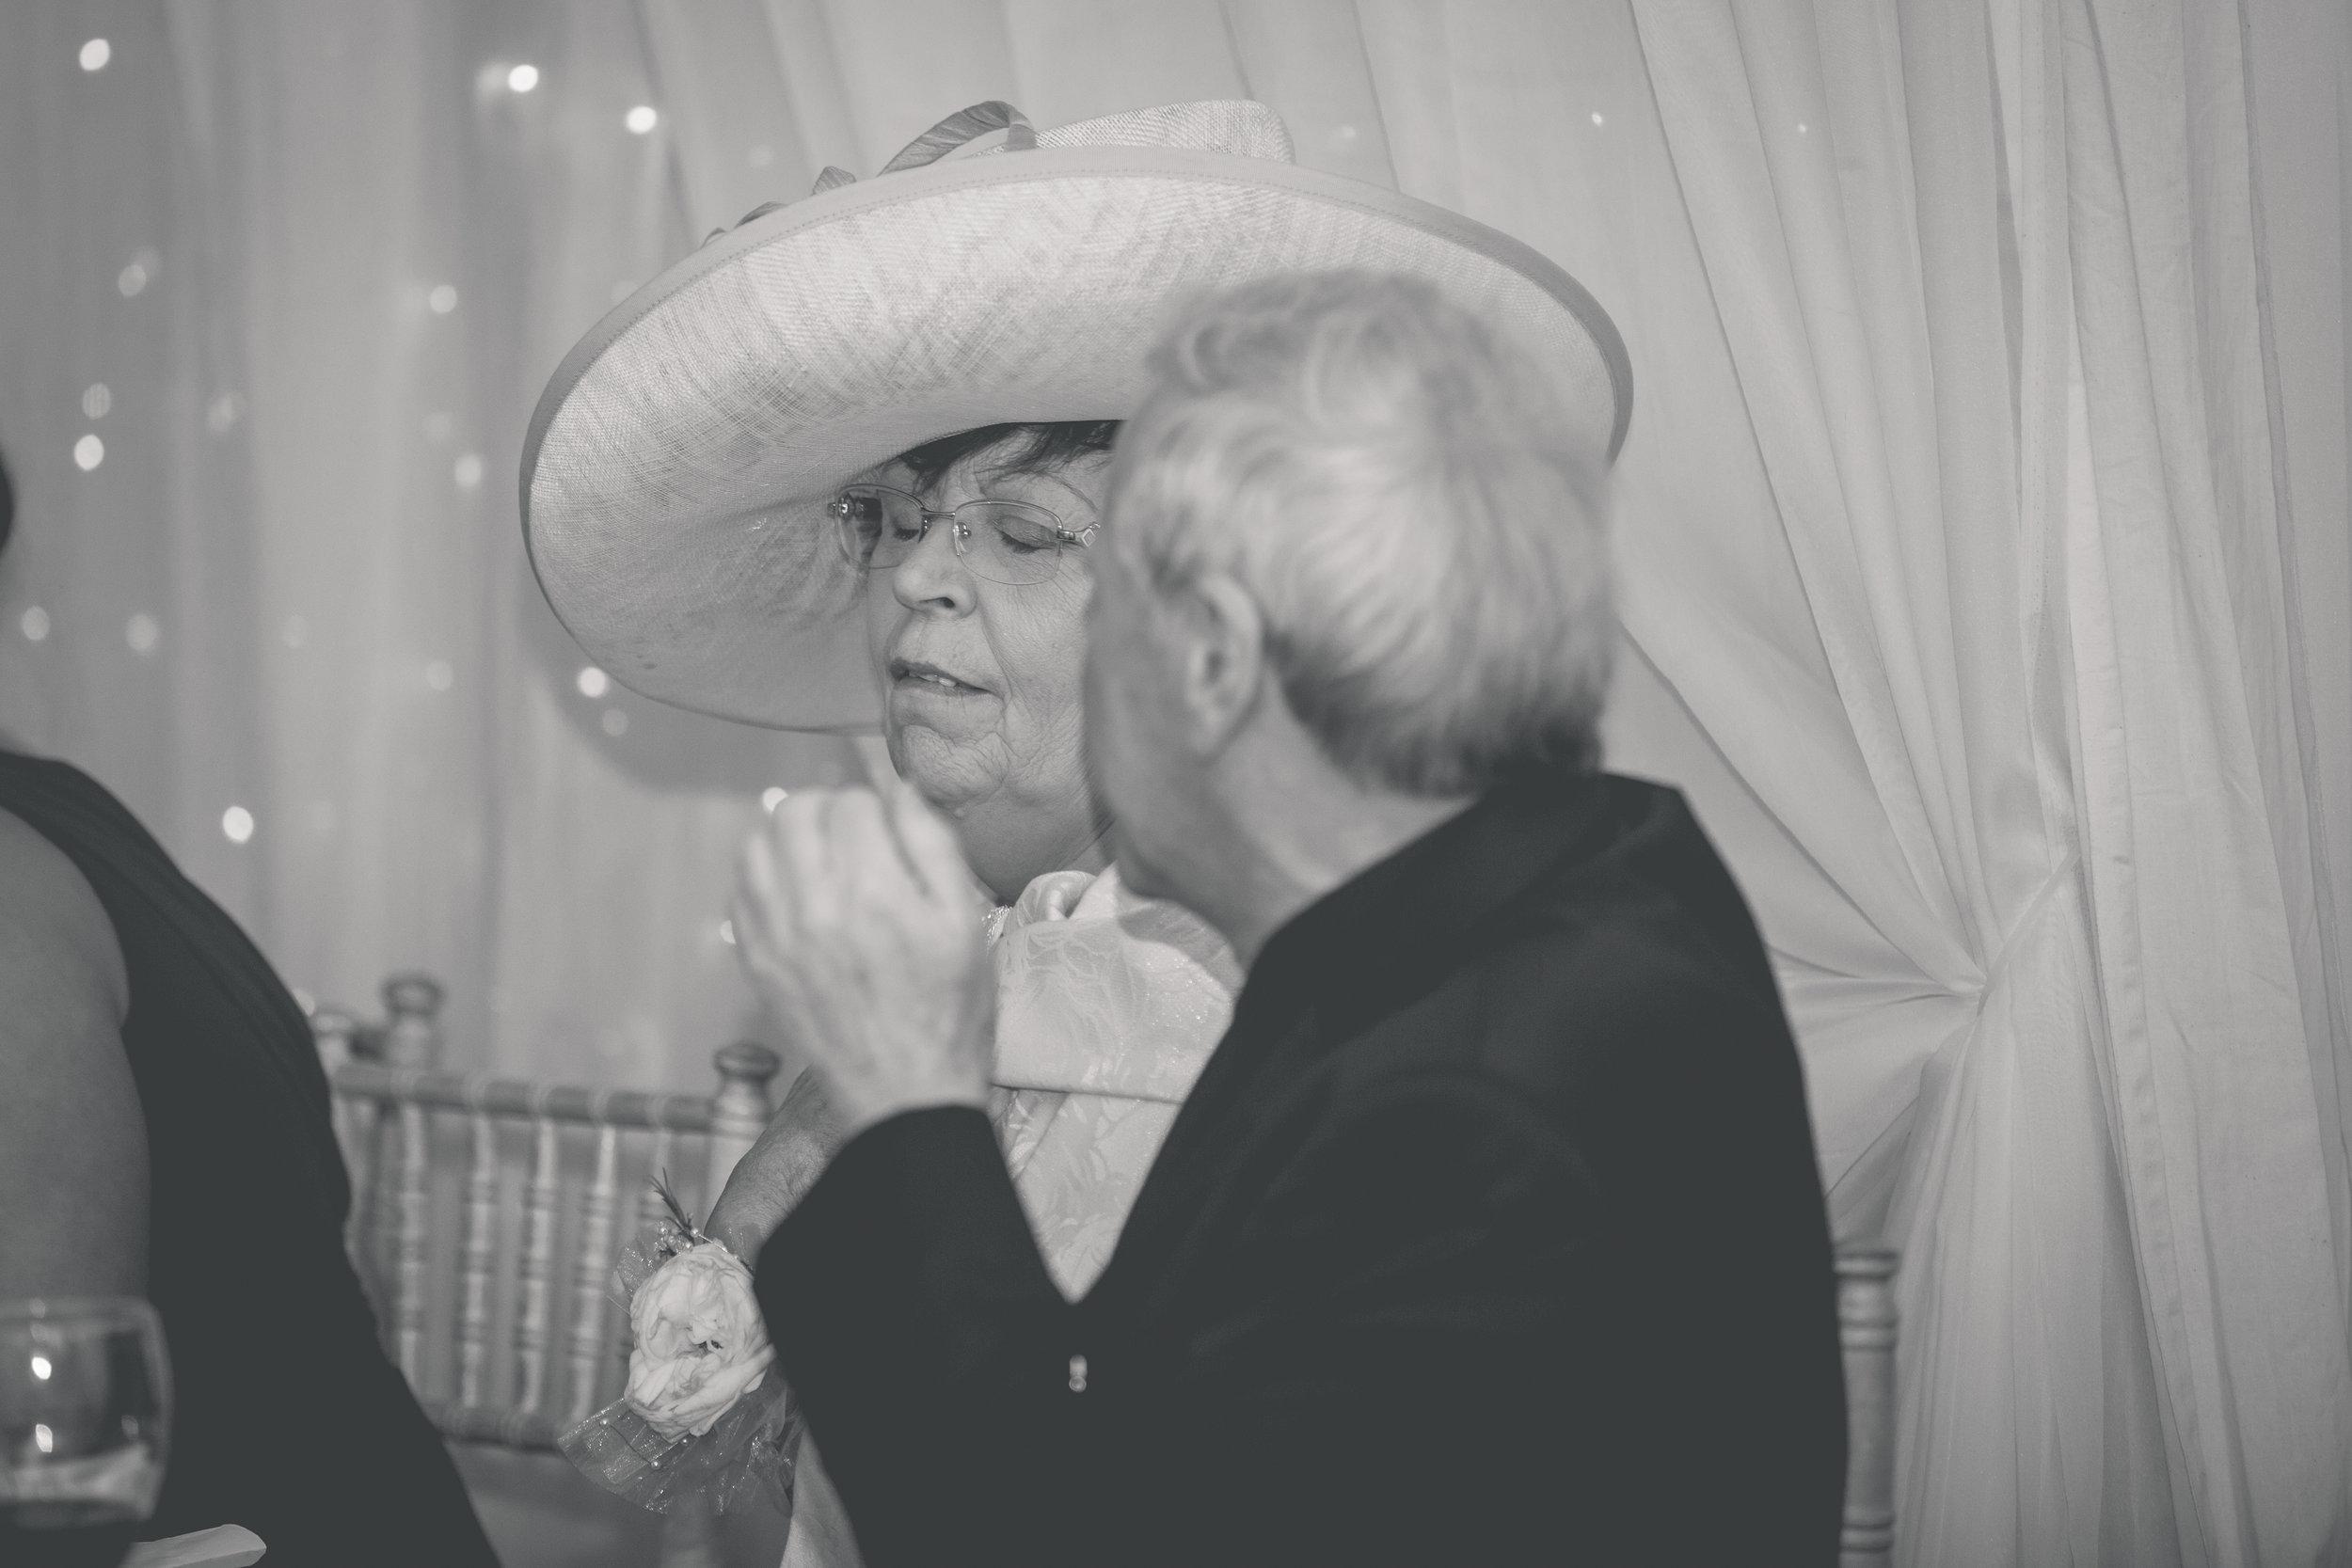 Brian McEwan Wedding Photography | Carol-Anne & Sean | The Speeches-65.jpg